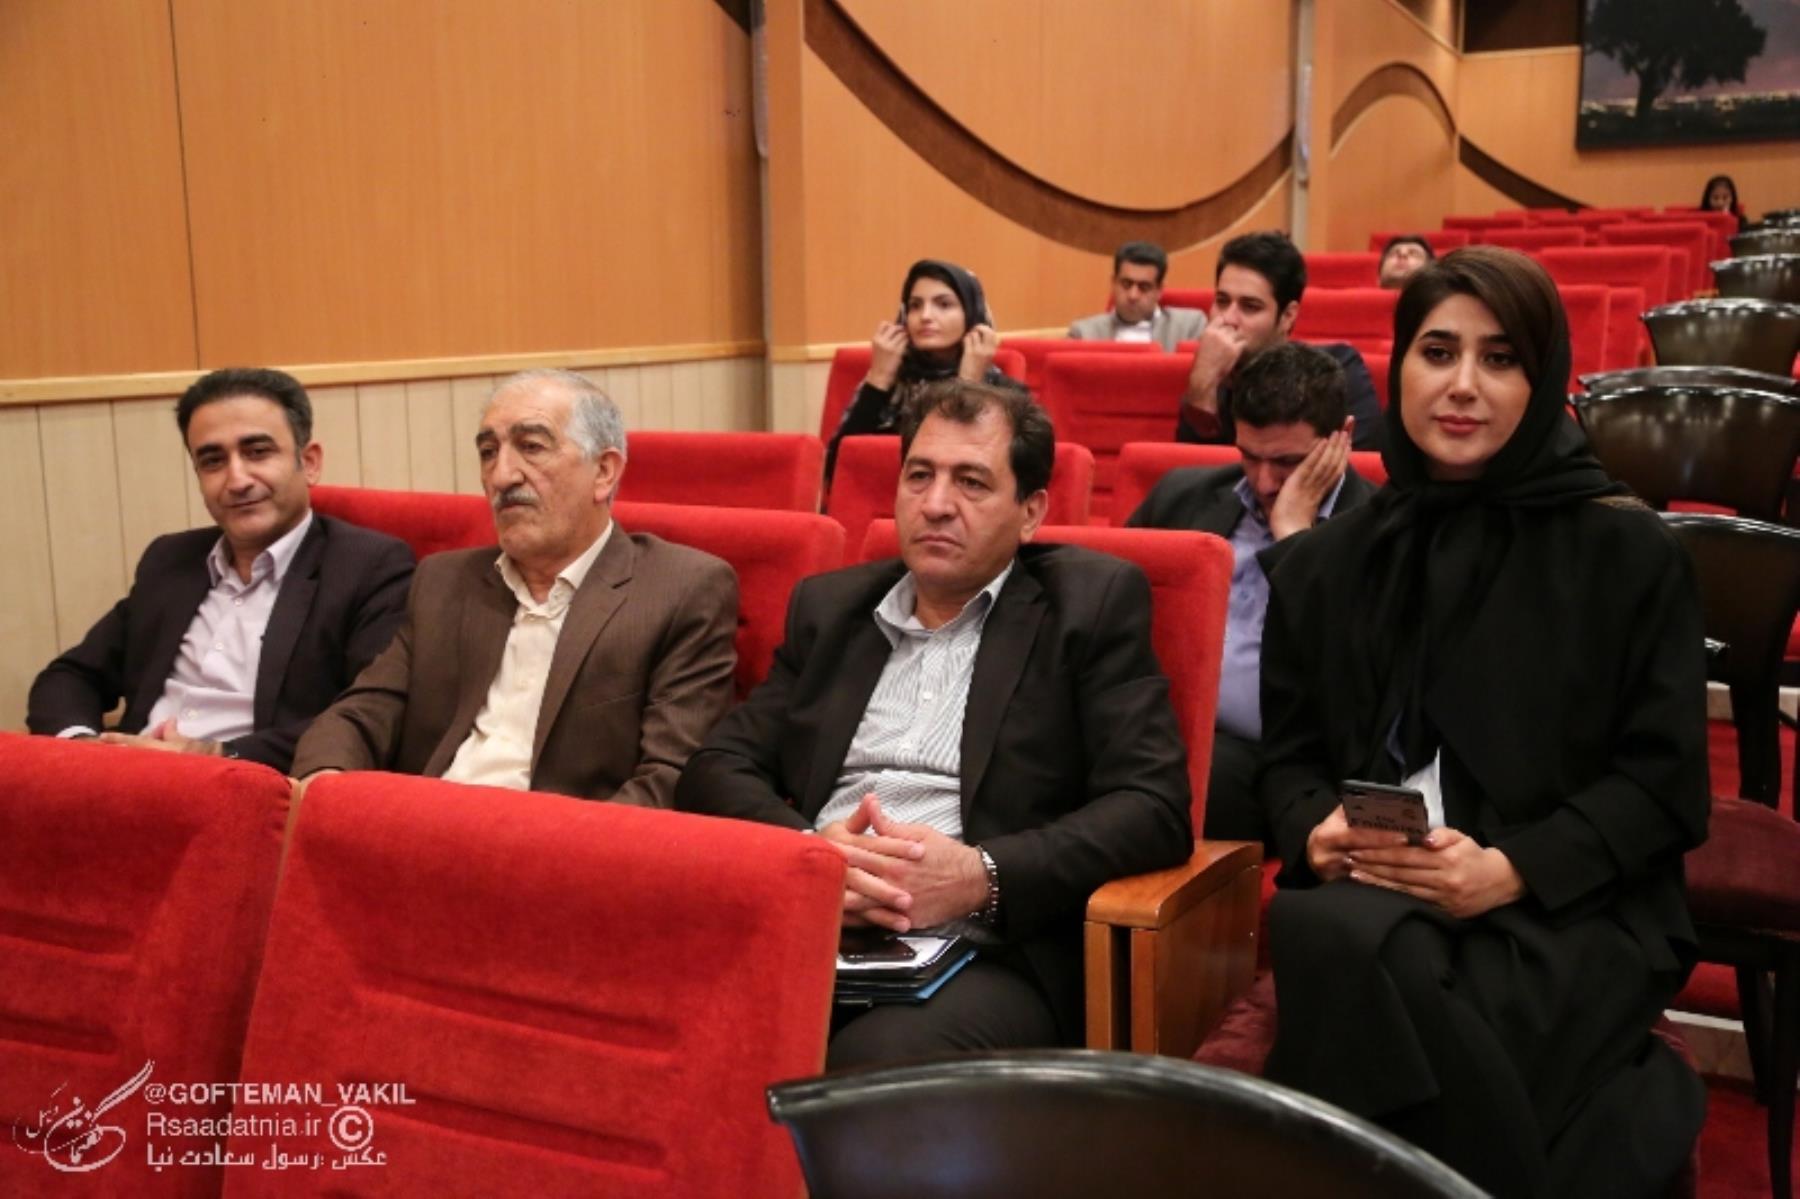 محسن علمداری. شیرزاد رحمانی ...هیات مدیره کانون وکلای فارس